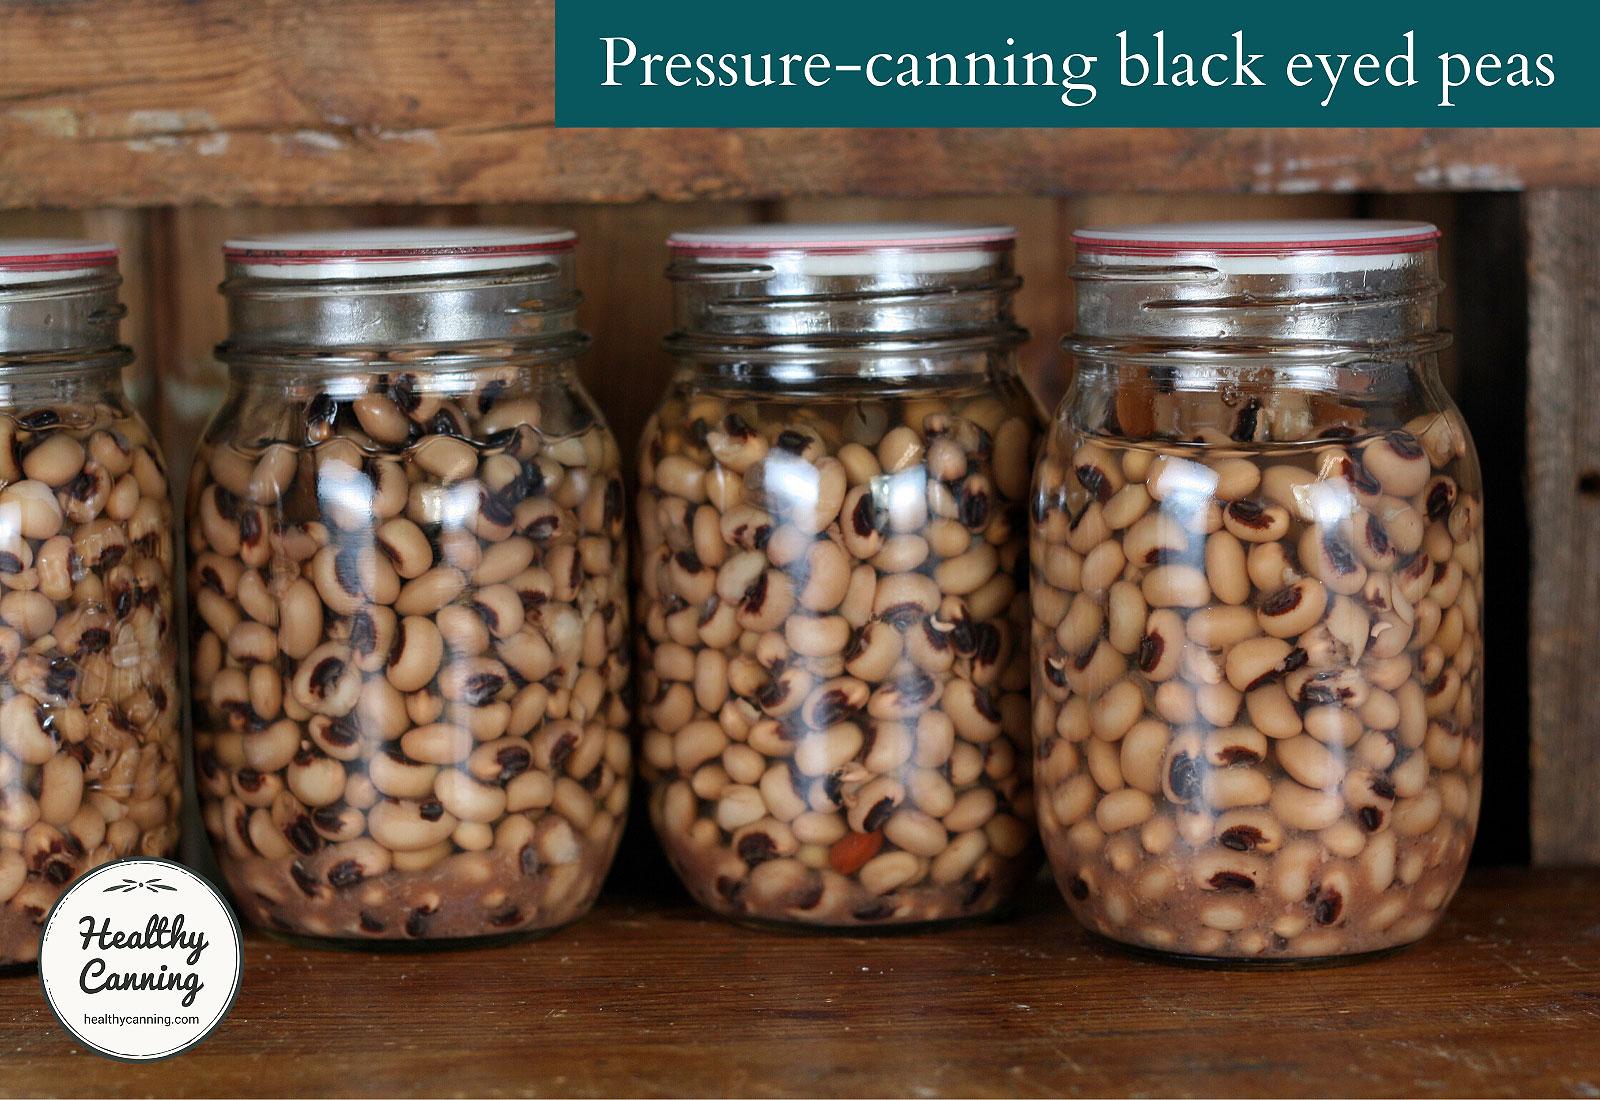 Pressure canned black-eyed peas in jars